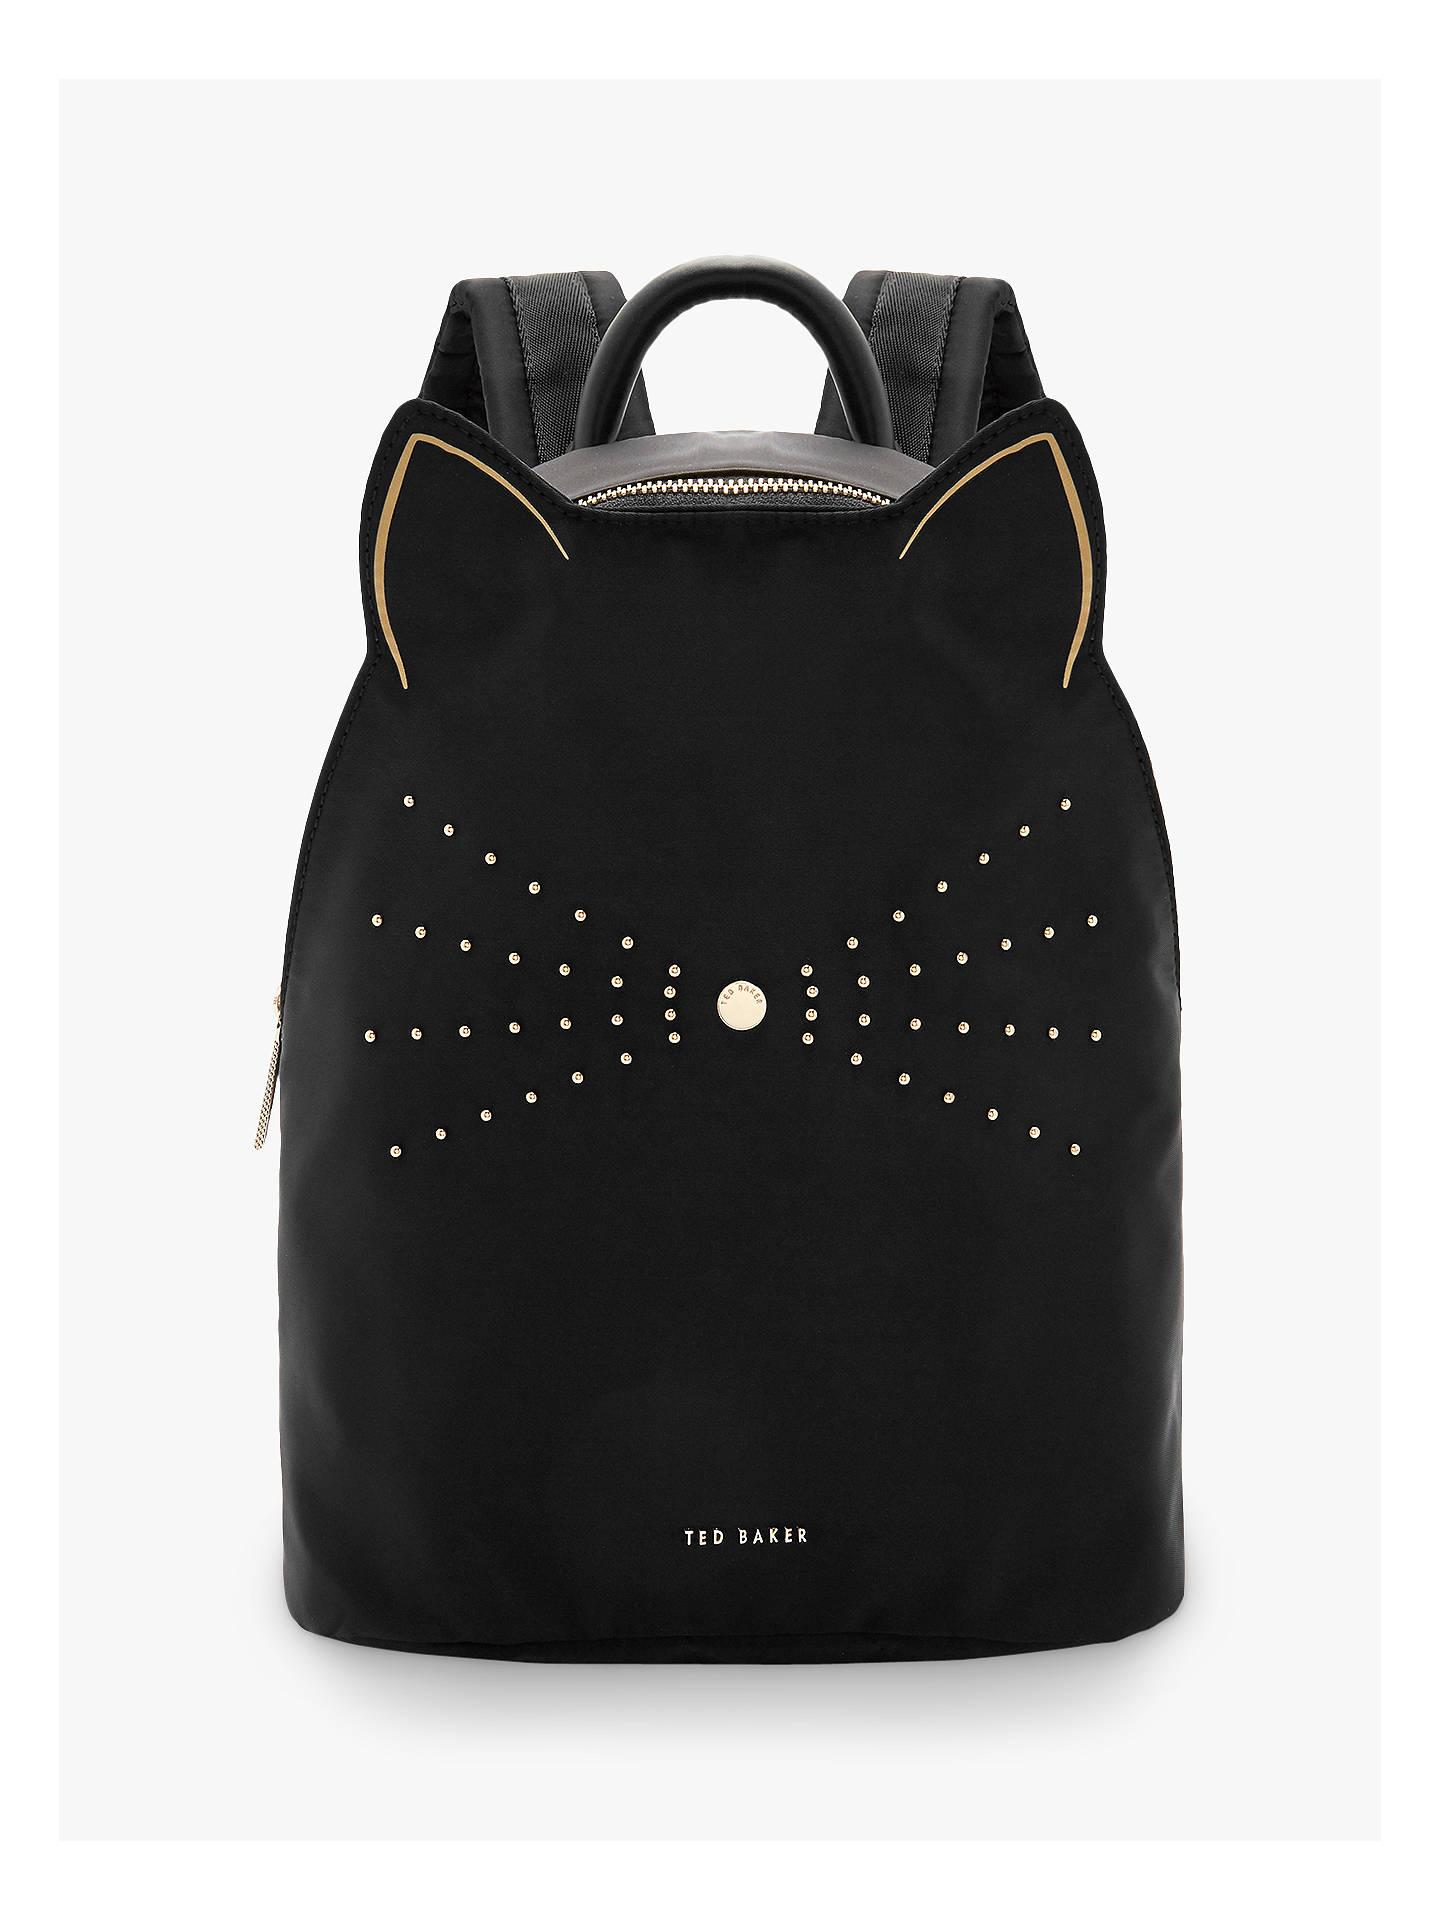 f44a5ab75e9c BuyTed Baker Katt Nylon Cat Whiskers Backpack, Black Online at  johnlewis.com ...